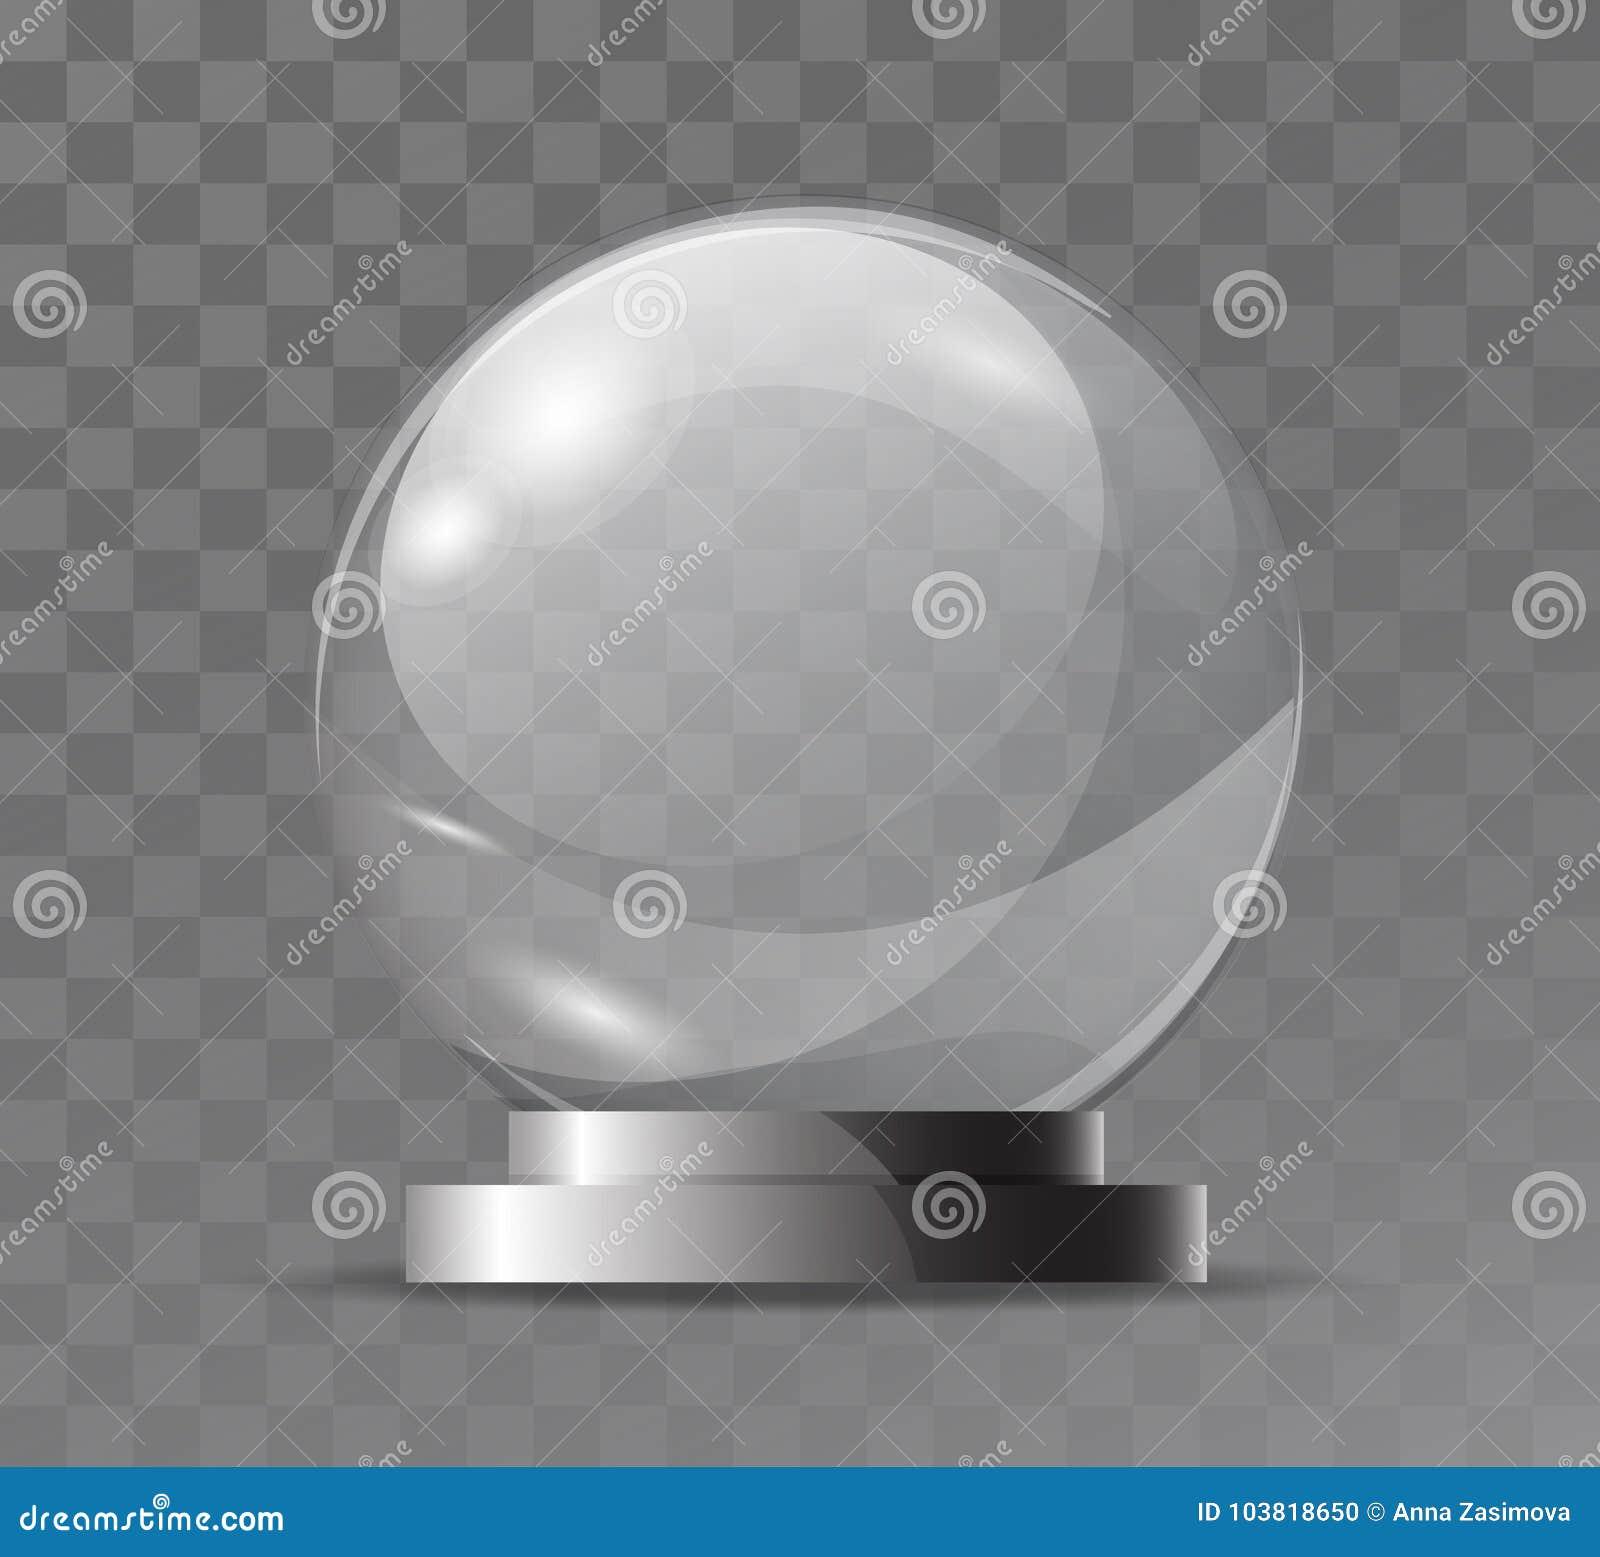 玻璃透明水晶地球 不可思议的属性 倒空玻璃范围 纪念品的立场,战利品 现实传染媒介对象isolat